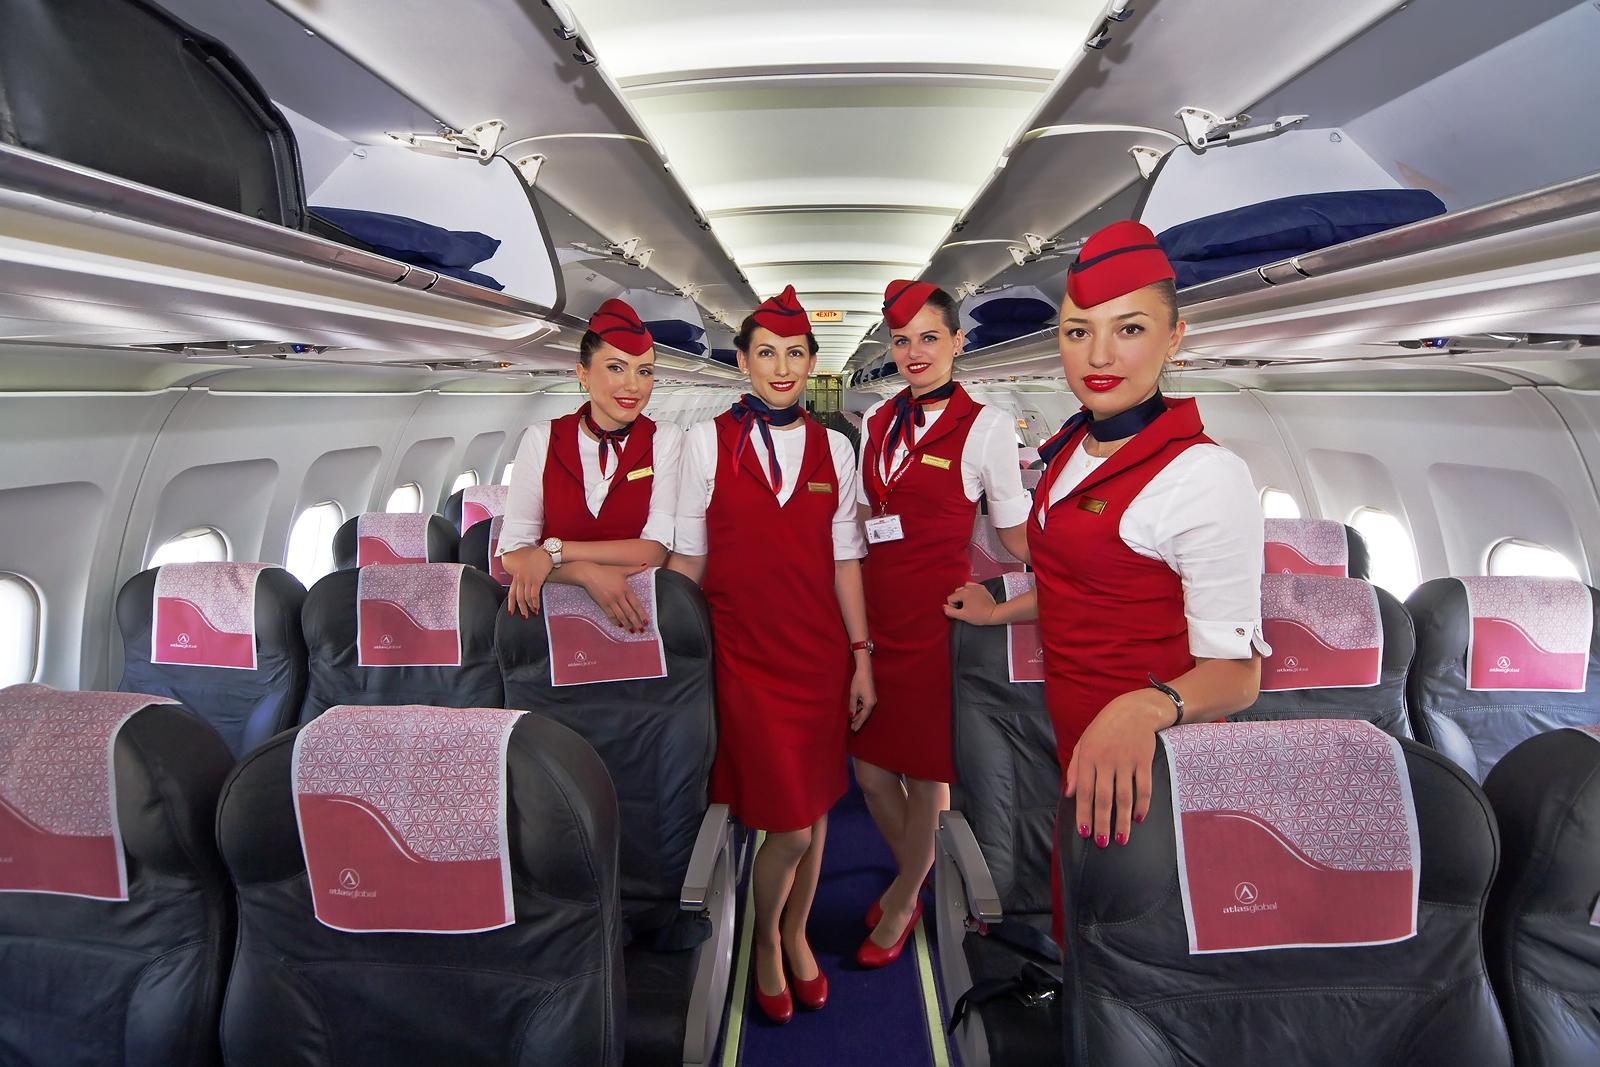 come-diventare-assistente-di-volo-requisiti